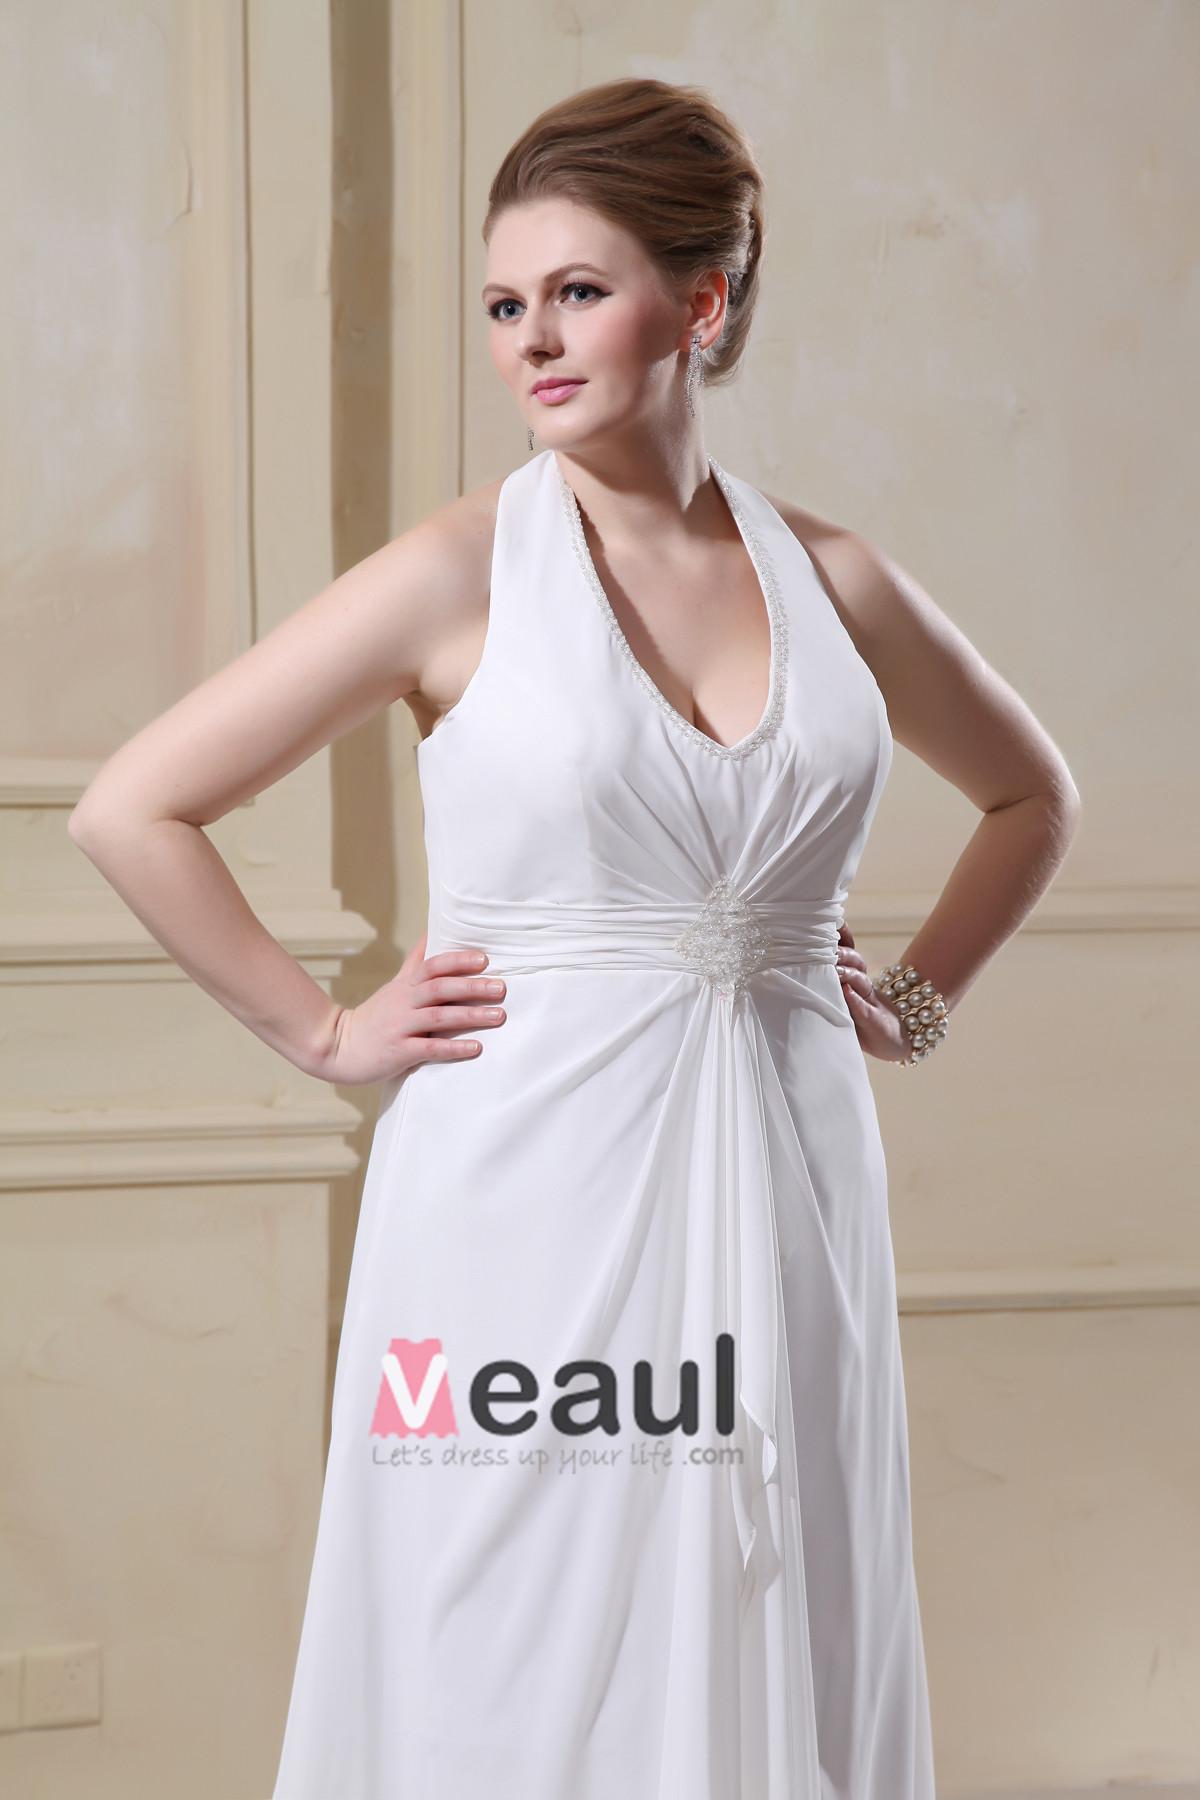 ... Große Größen Brautkleider Hochzeitskleid [1714120013] - Veaul.com